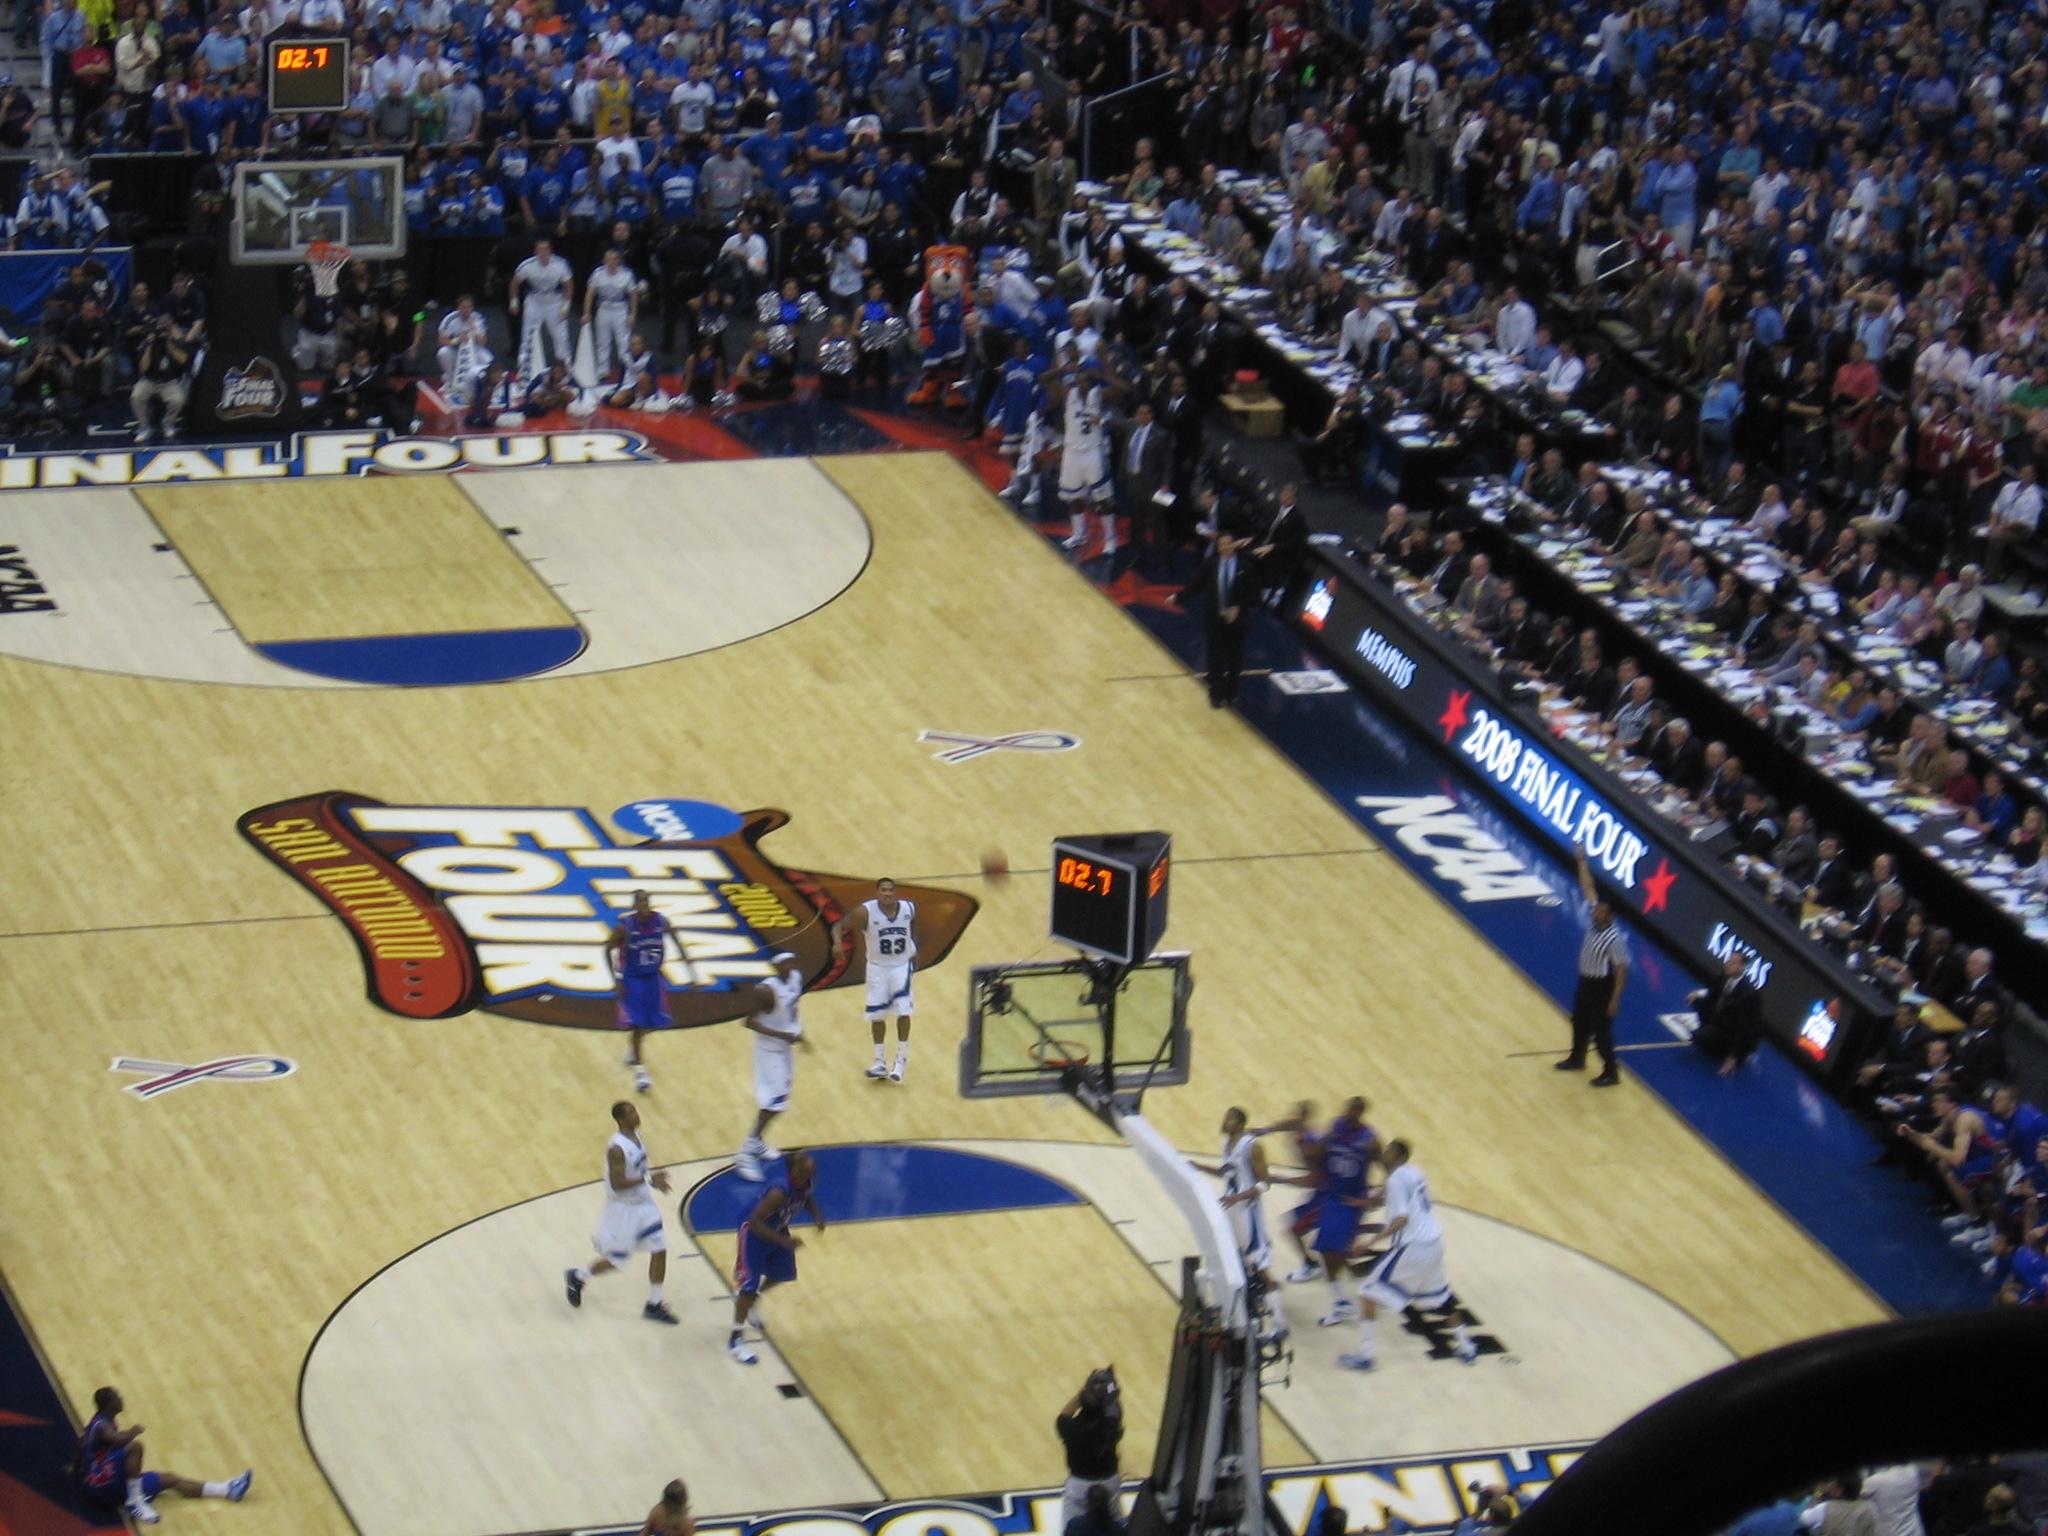 File:Basketball Court 0308.JPG